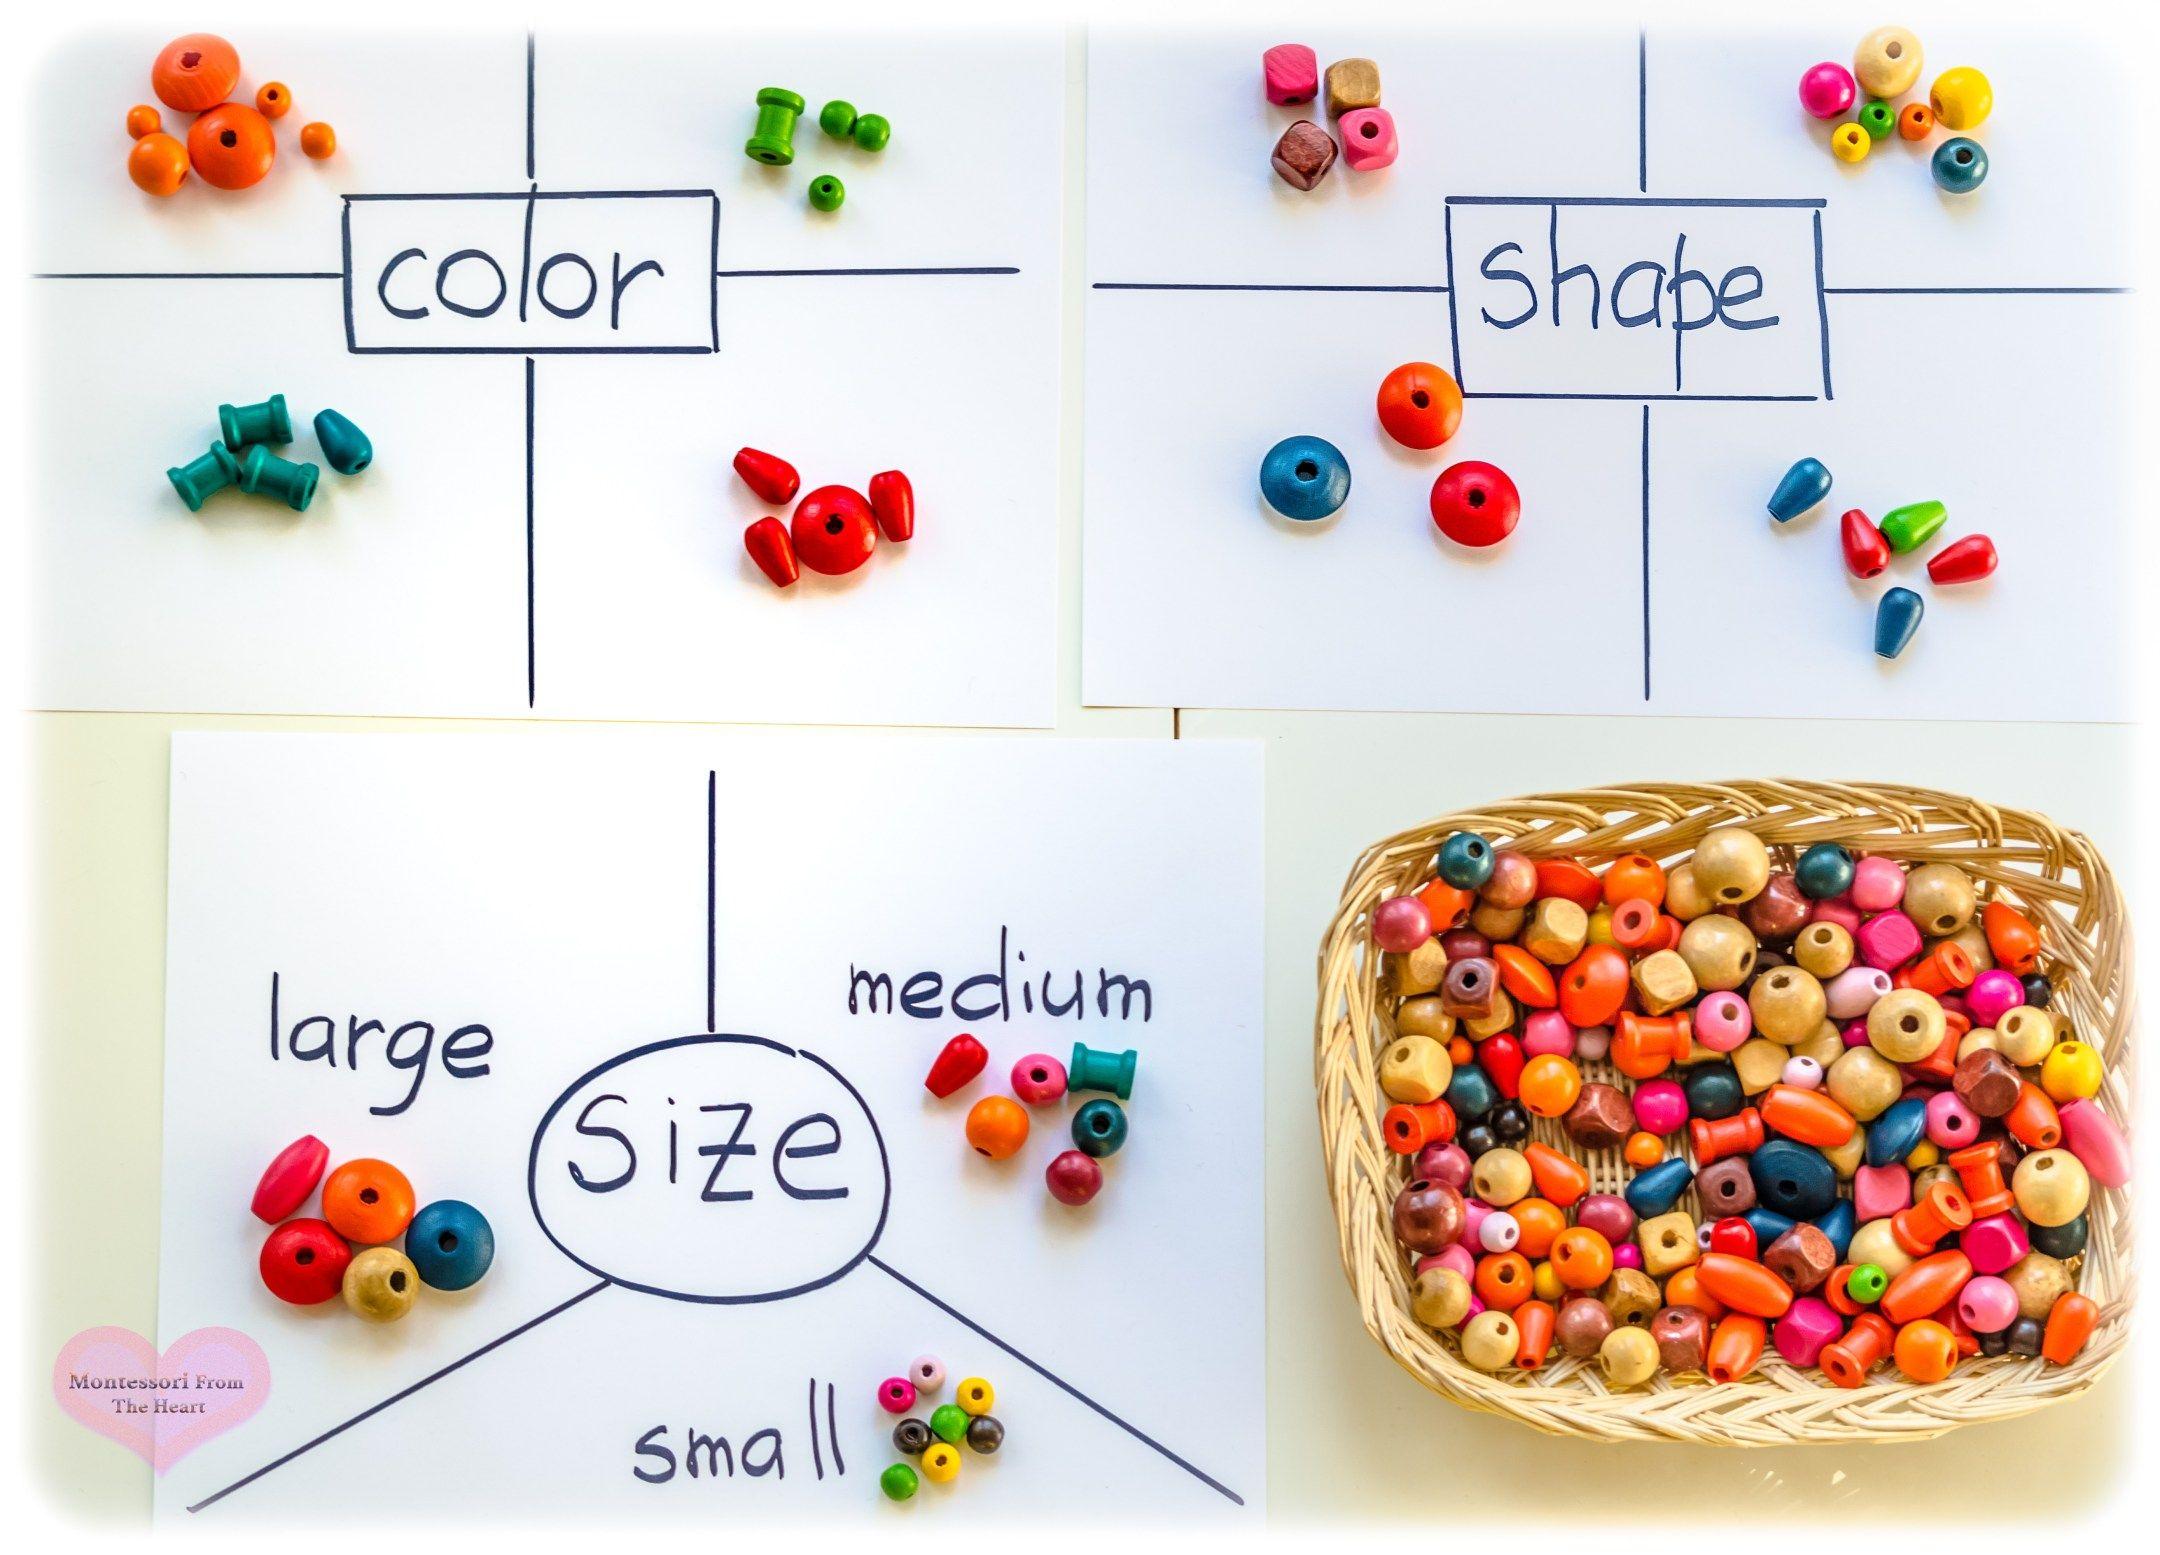 Sorting Classifying Kindergarten Montessori From The Heart Diy Sorting And Kindergarten Sorting Activities Kindergarten Readiness Montessori Math Activities [ 1555 x 2160 Pixel ]